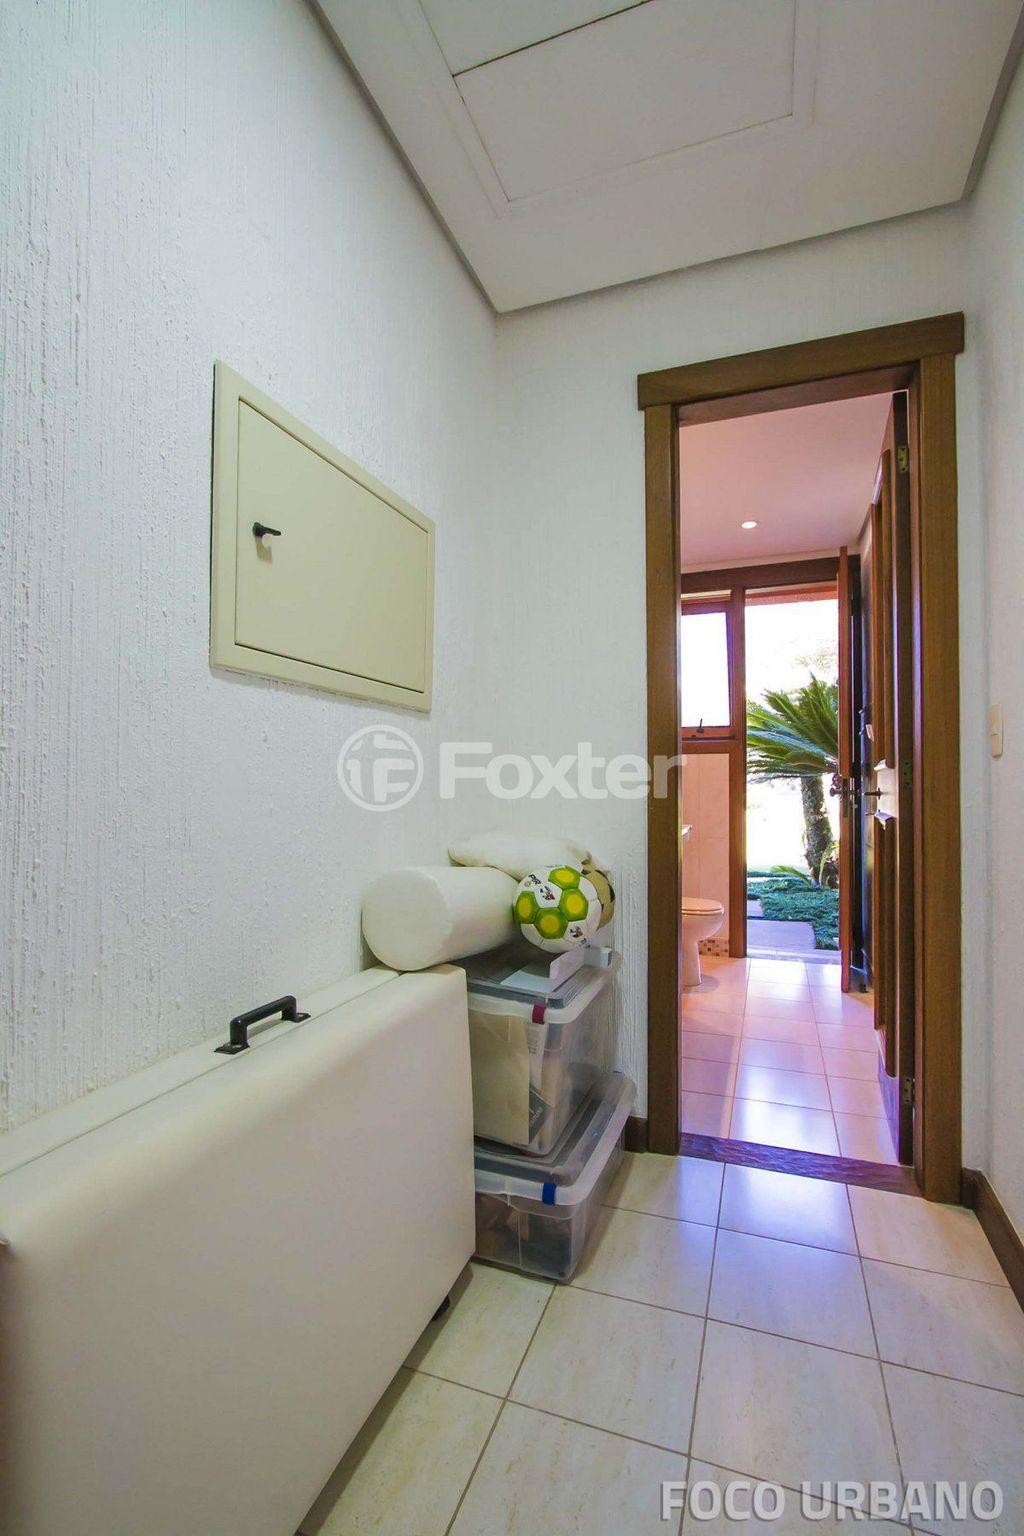 Foxter Imobiliária - Casa 3 Dorm, Belém Novo - Foto 30